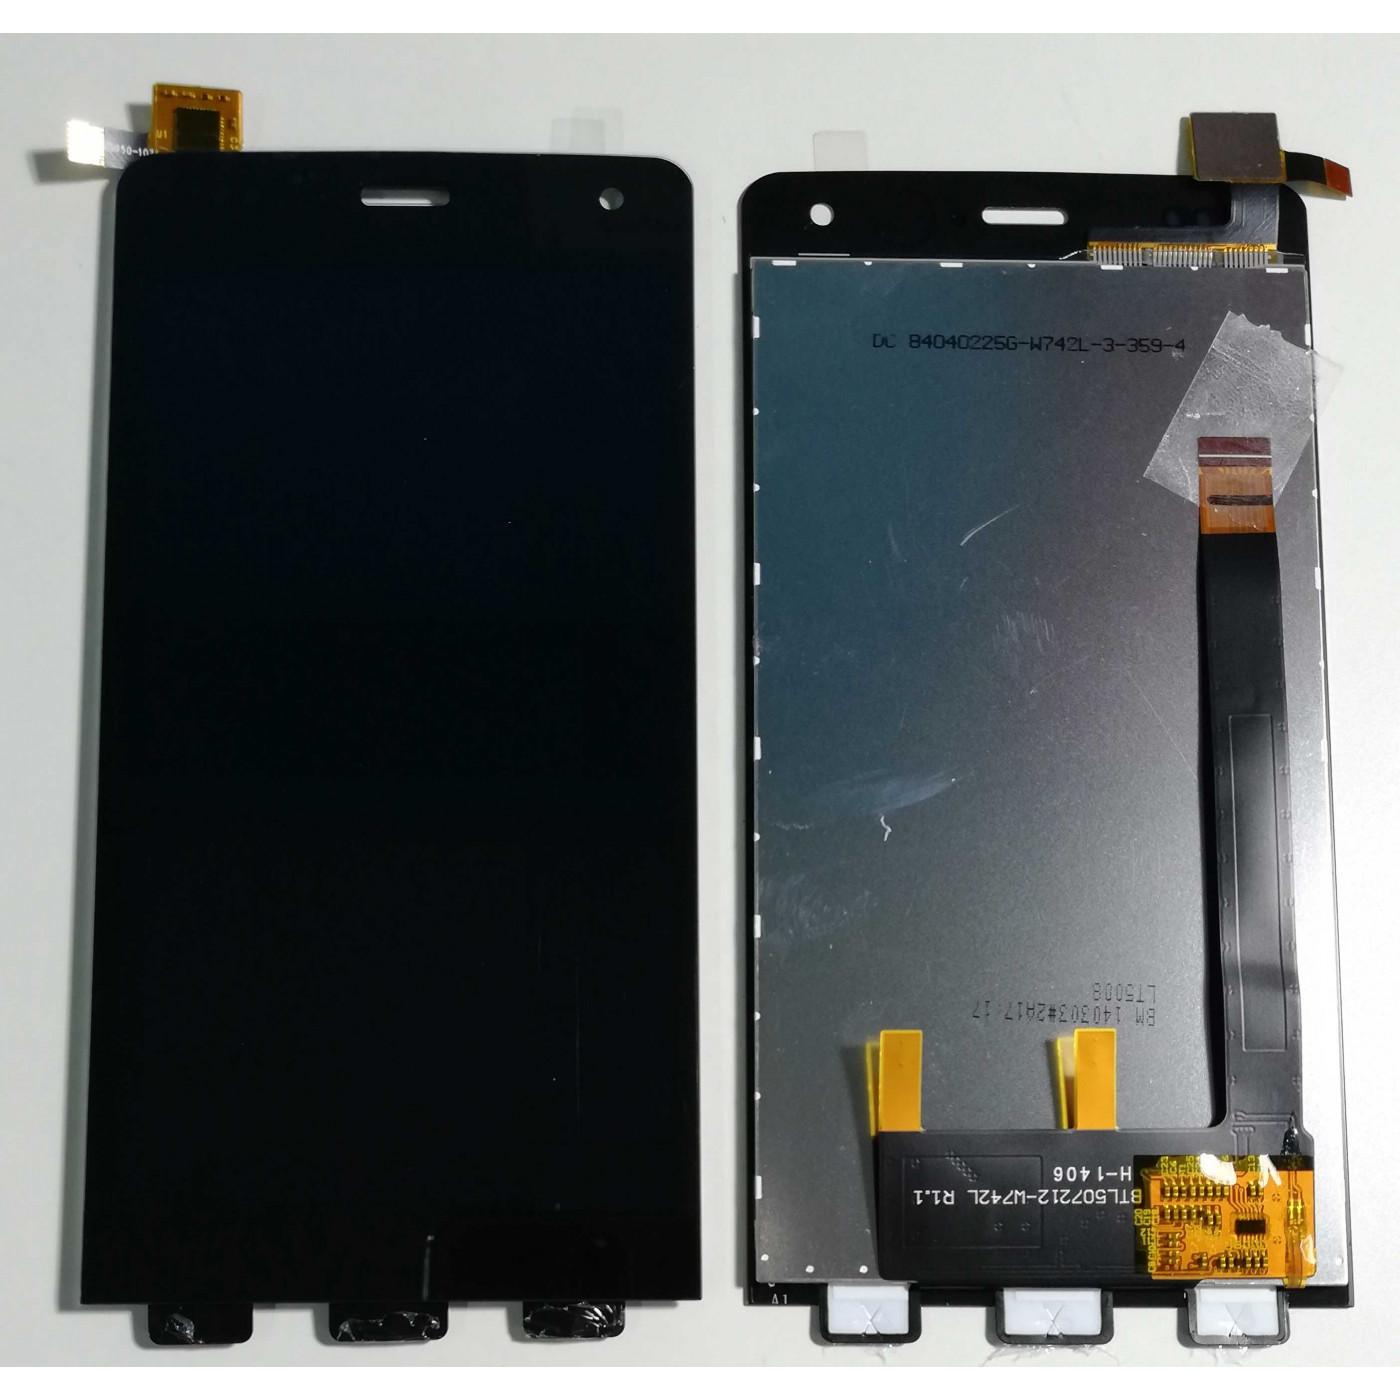 Écran tactile + LCD DISPLAY pour ASSEMBLEES WIKO ESCAPADE NOIR